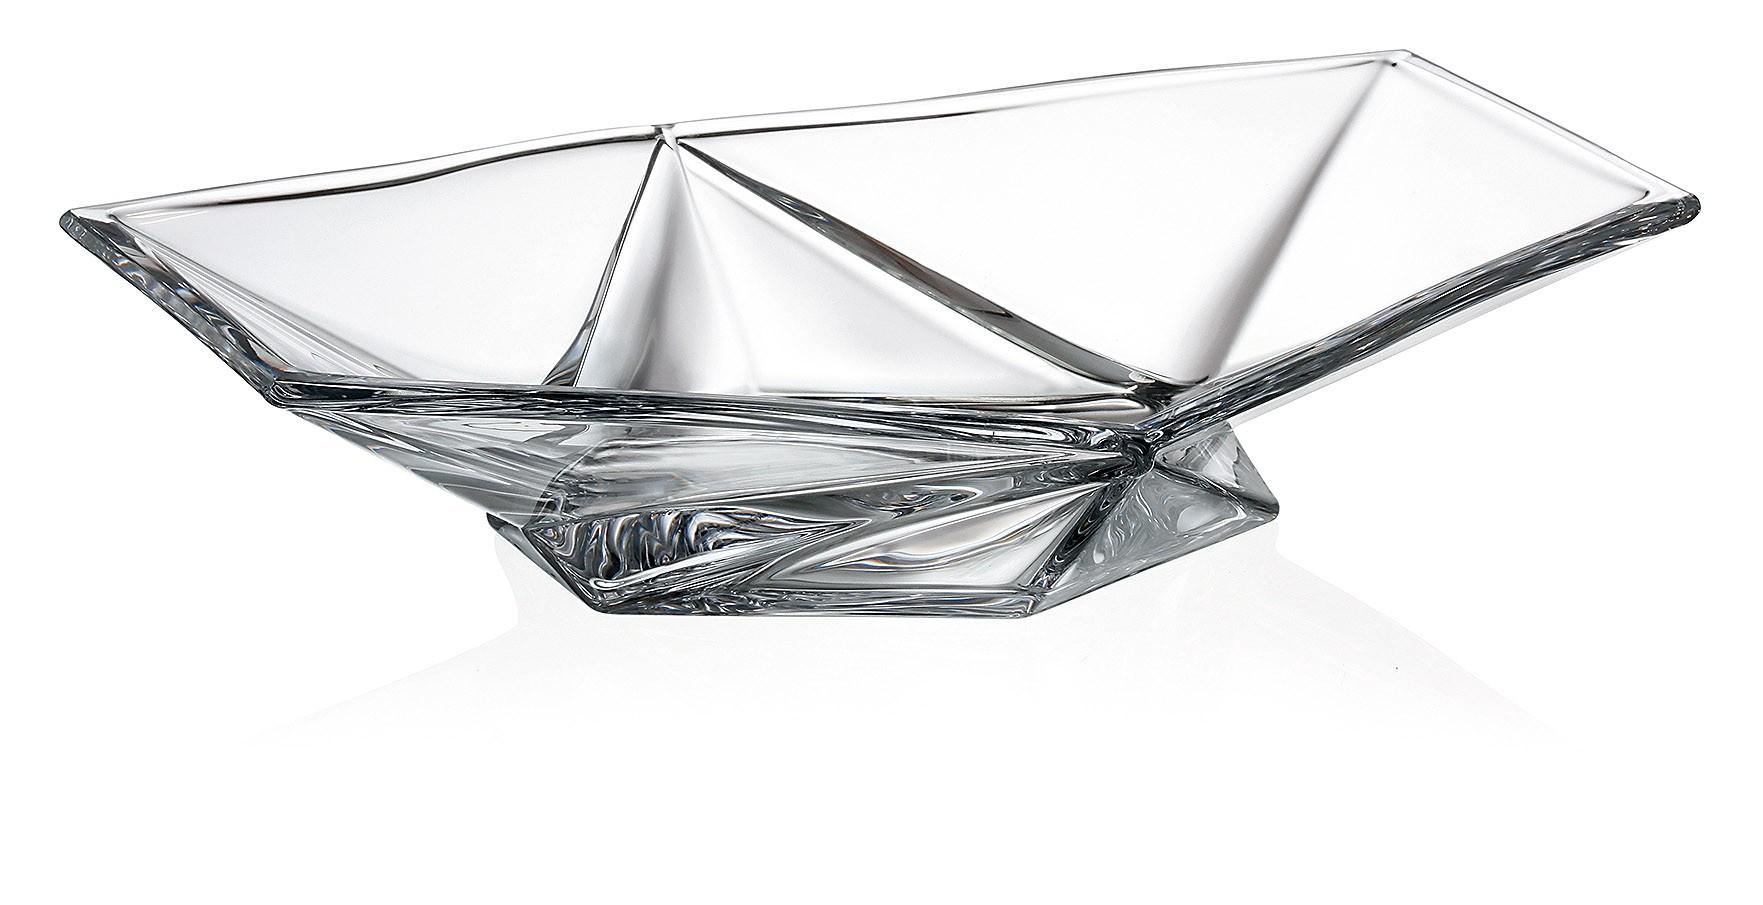 Κουπ Spectral Bohemia Κρυστάλλινο 35cm home   κρυσταλλα  διακοσμηση   κρύσταλλα